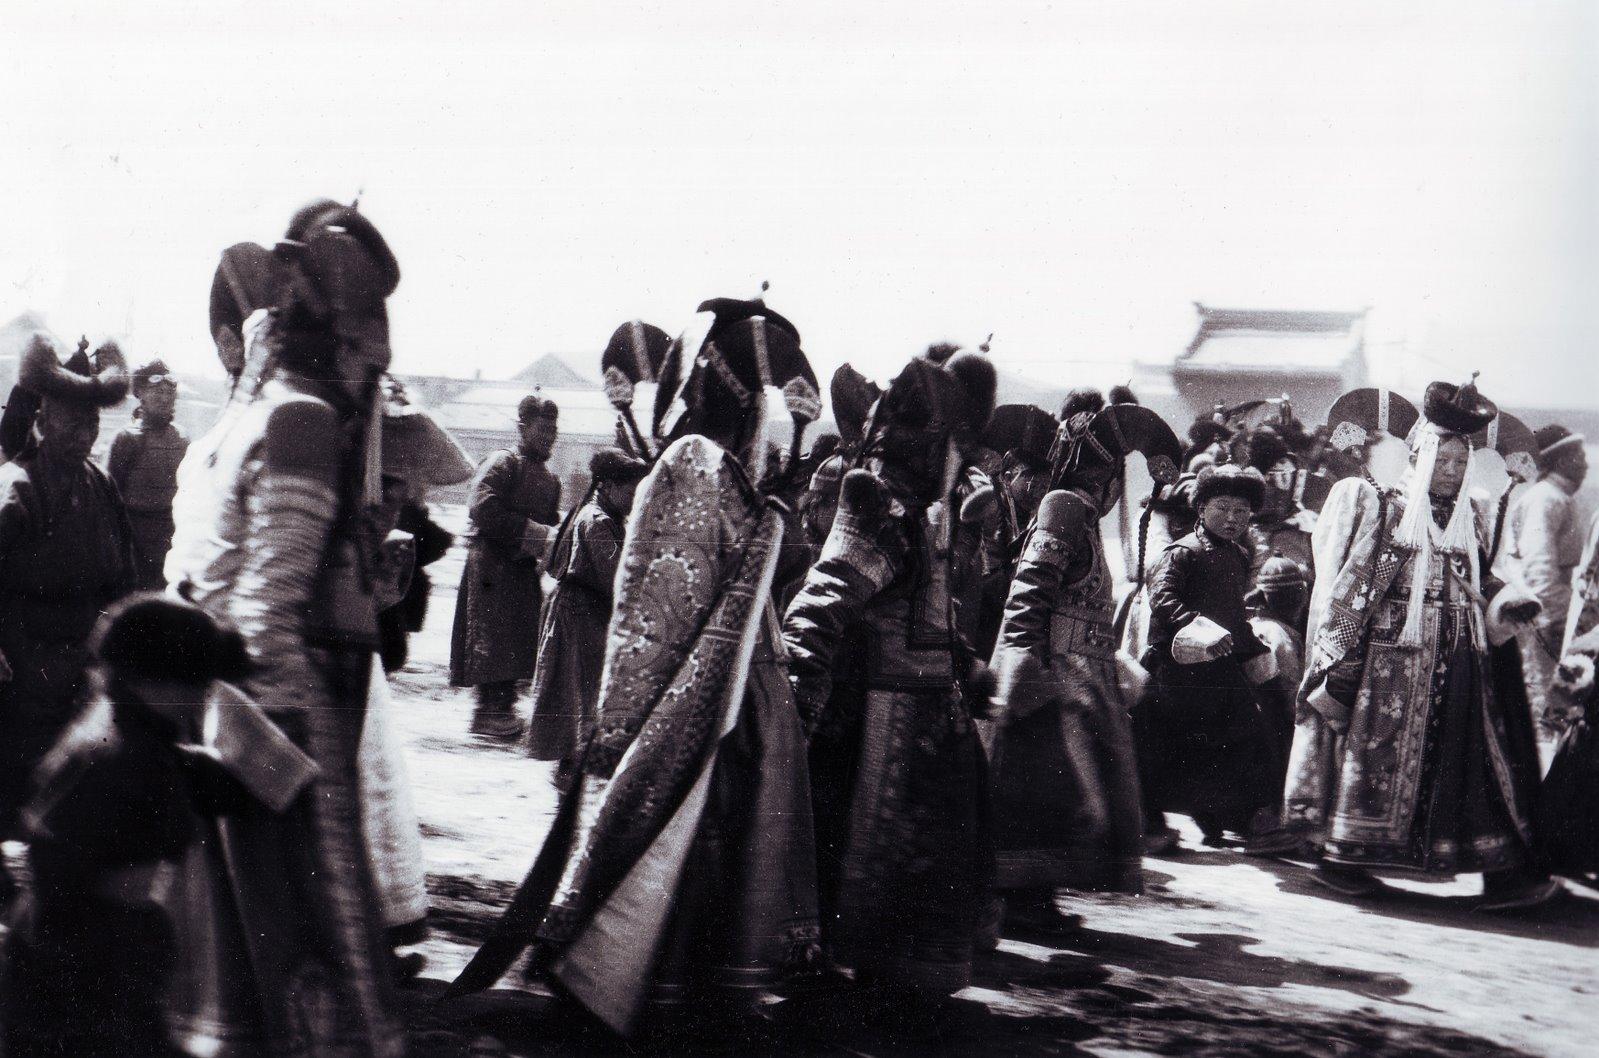 эротическая фотография монголии